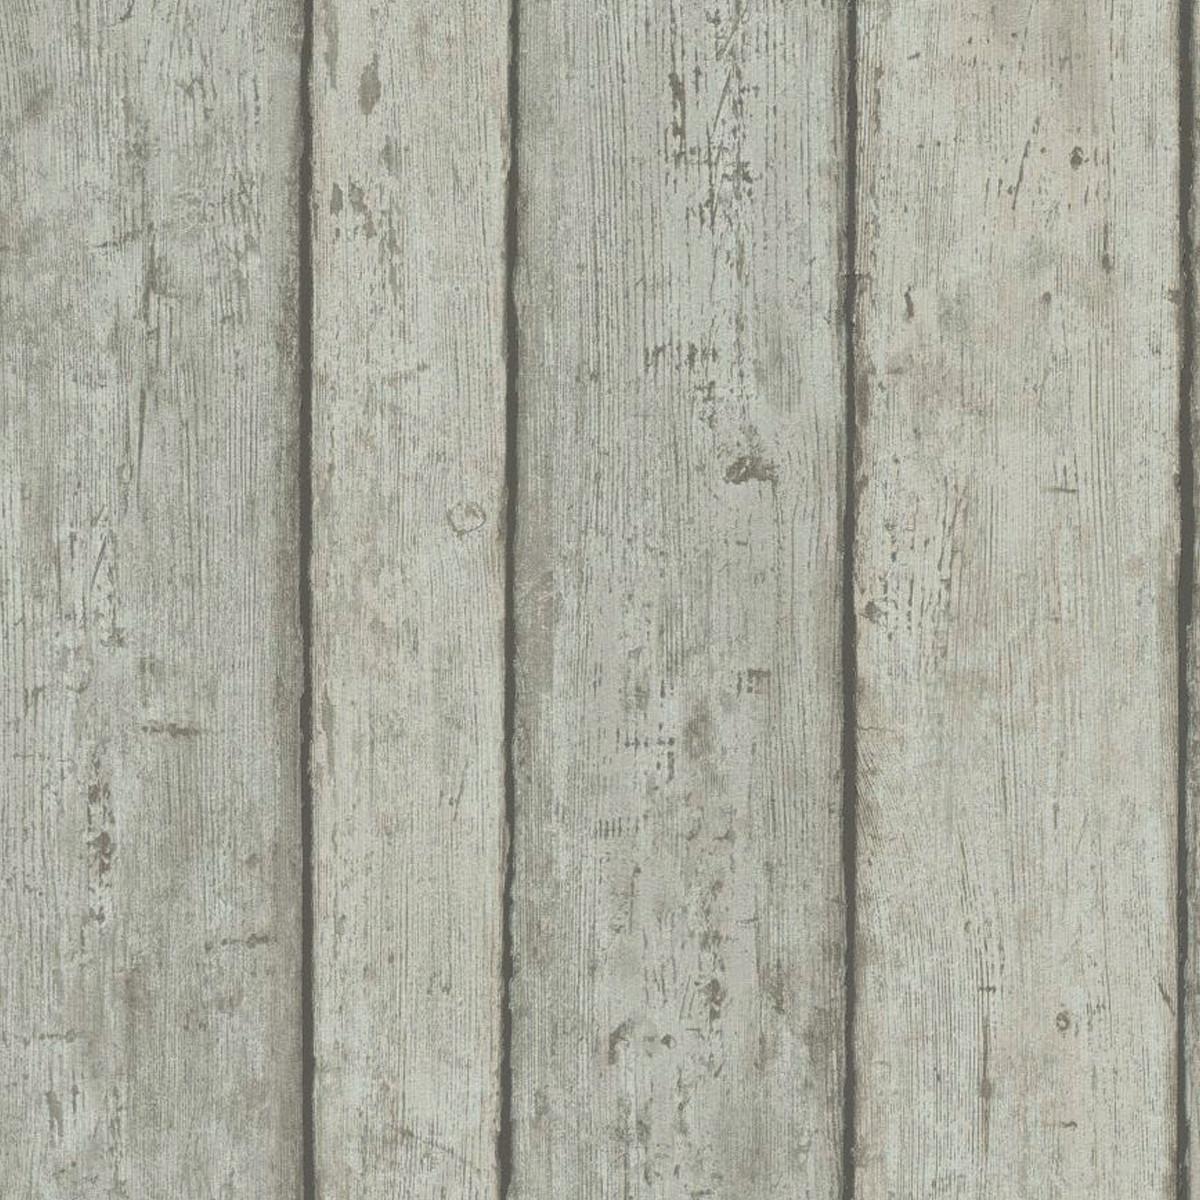 carta da parati on line: prezzi, offerte e vendita per tappezzerie - 3d Sfondo Del Pannello Di Legno Moderno Vinile Carta Da Parati Per Soggiorno